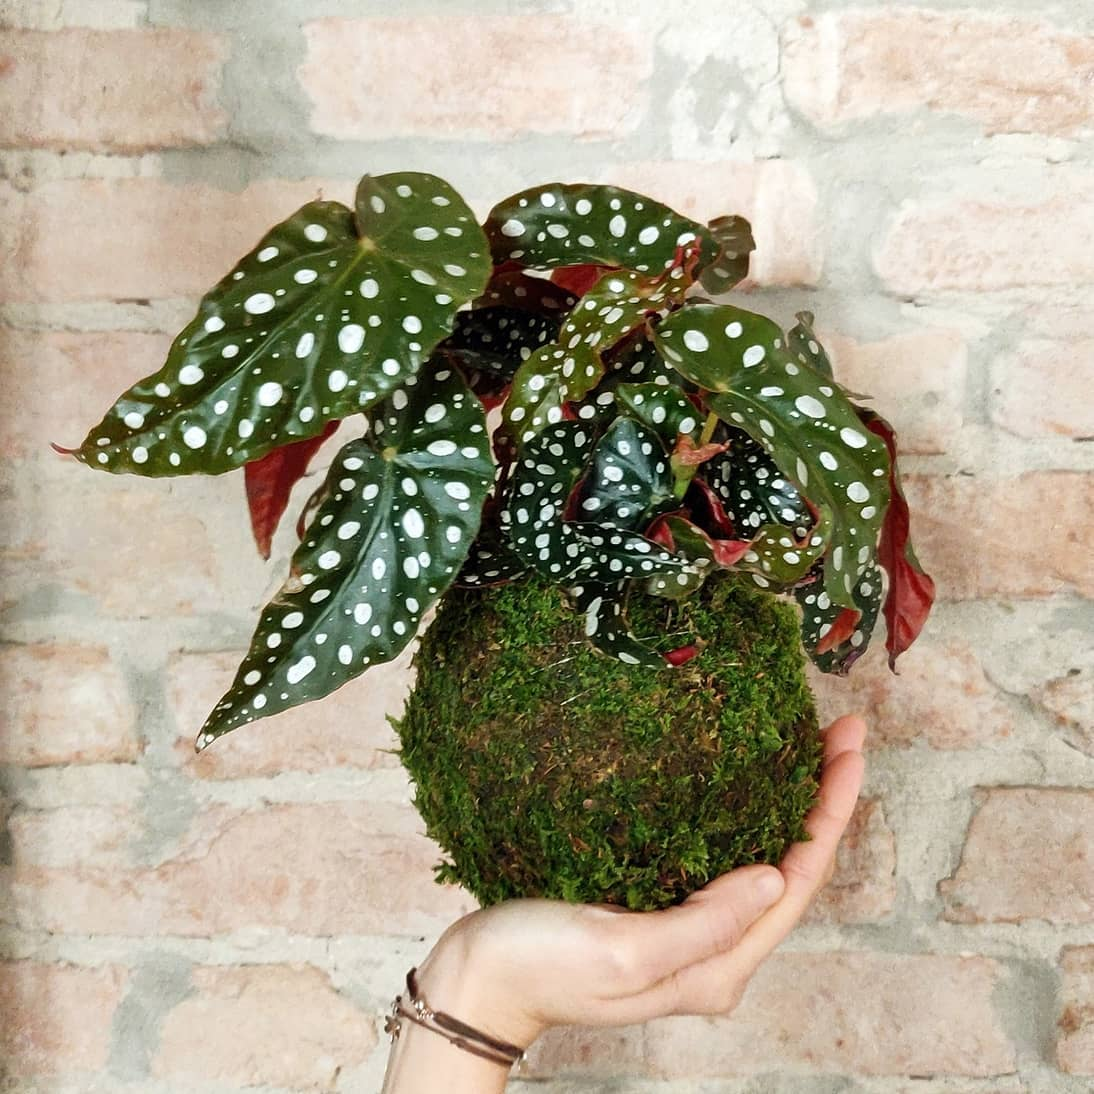 Begonia Maculata. È una pianta a pois con un contrasto spettacolare dato dal verde della lamina superiore e dall'intenso rosso di quella inferiore!